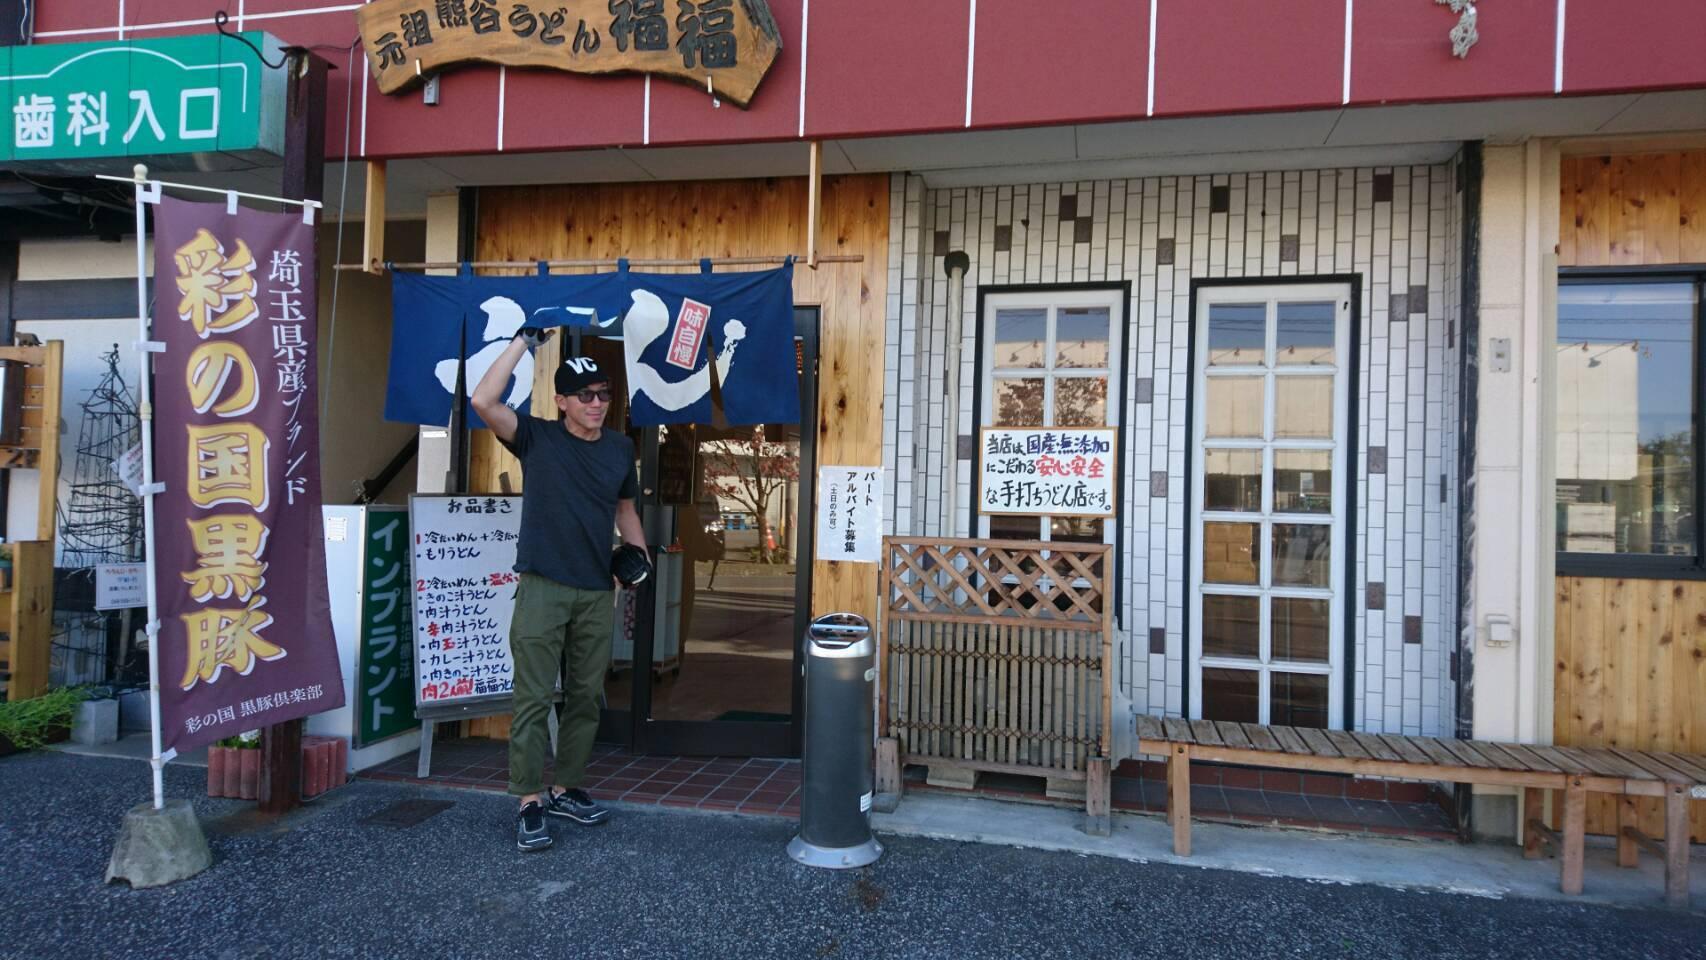 2017.11.3-5 北関東の川沿いサイクリングロードを繋ぐチャリ旅_b0219778_09520793.jpg